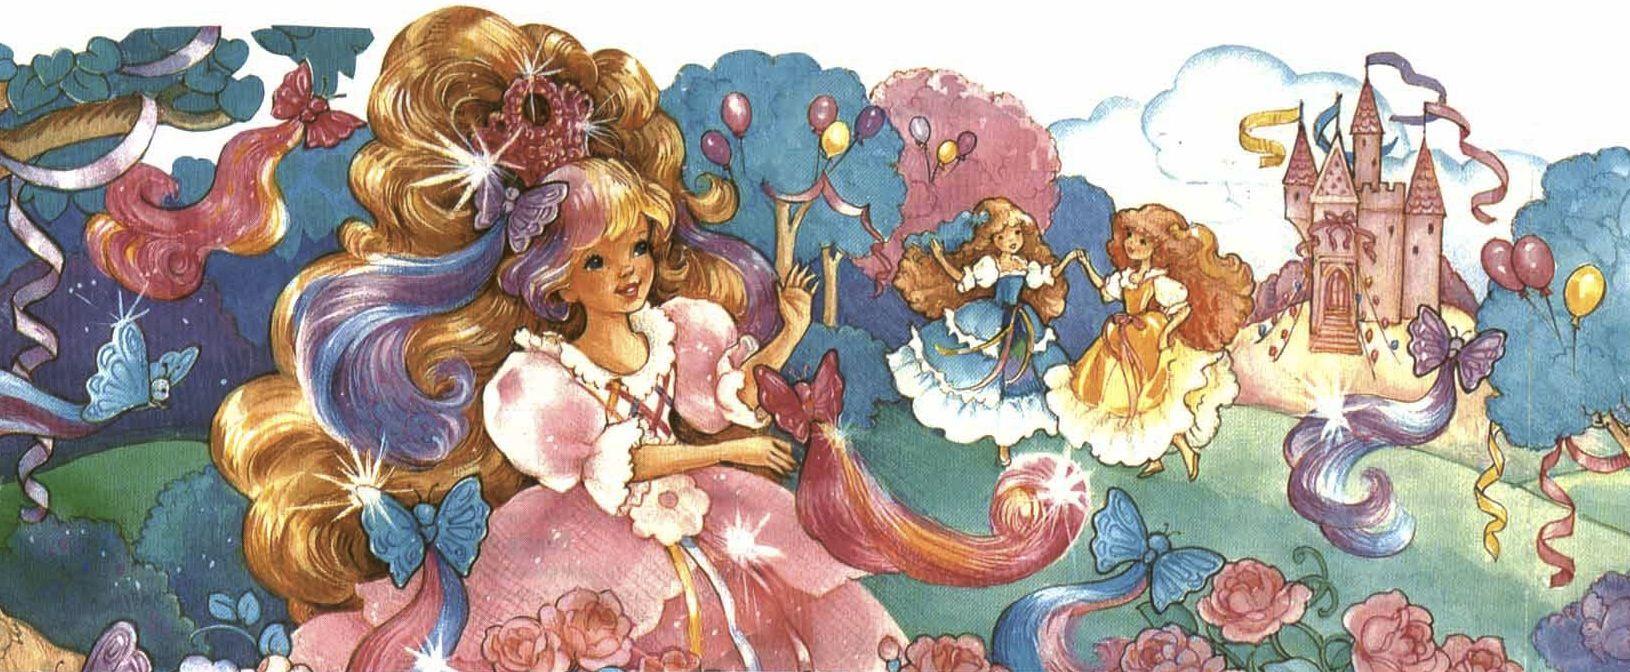 Lady LovelyLocks & friends attending the Flower Ball.